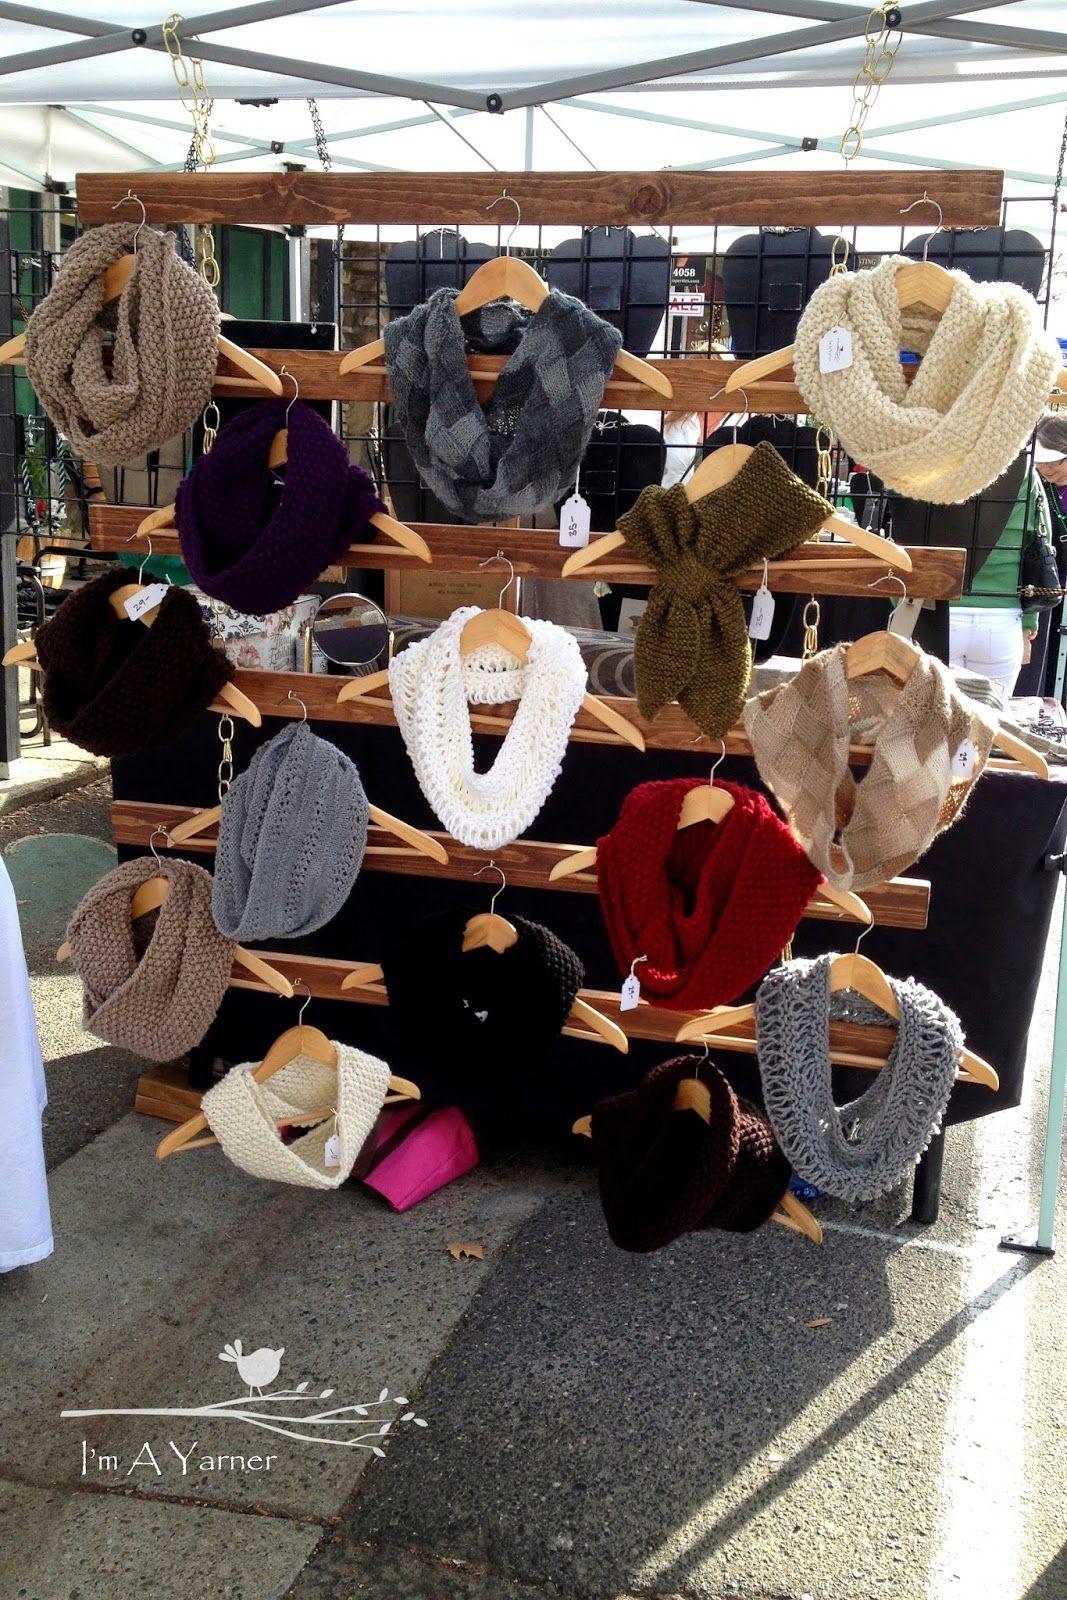 Murphys Craft Fair Scarf Display Show Displays Fairs Booth